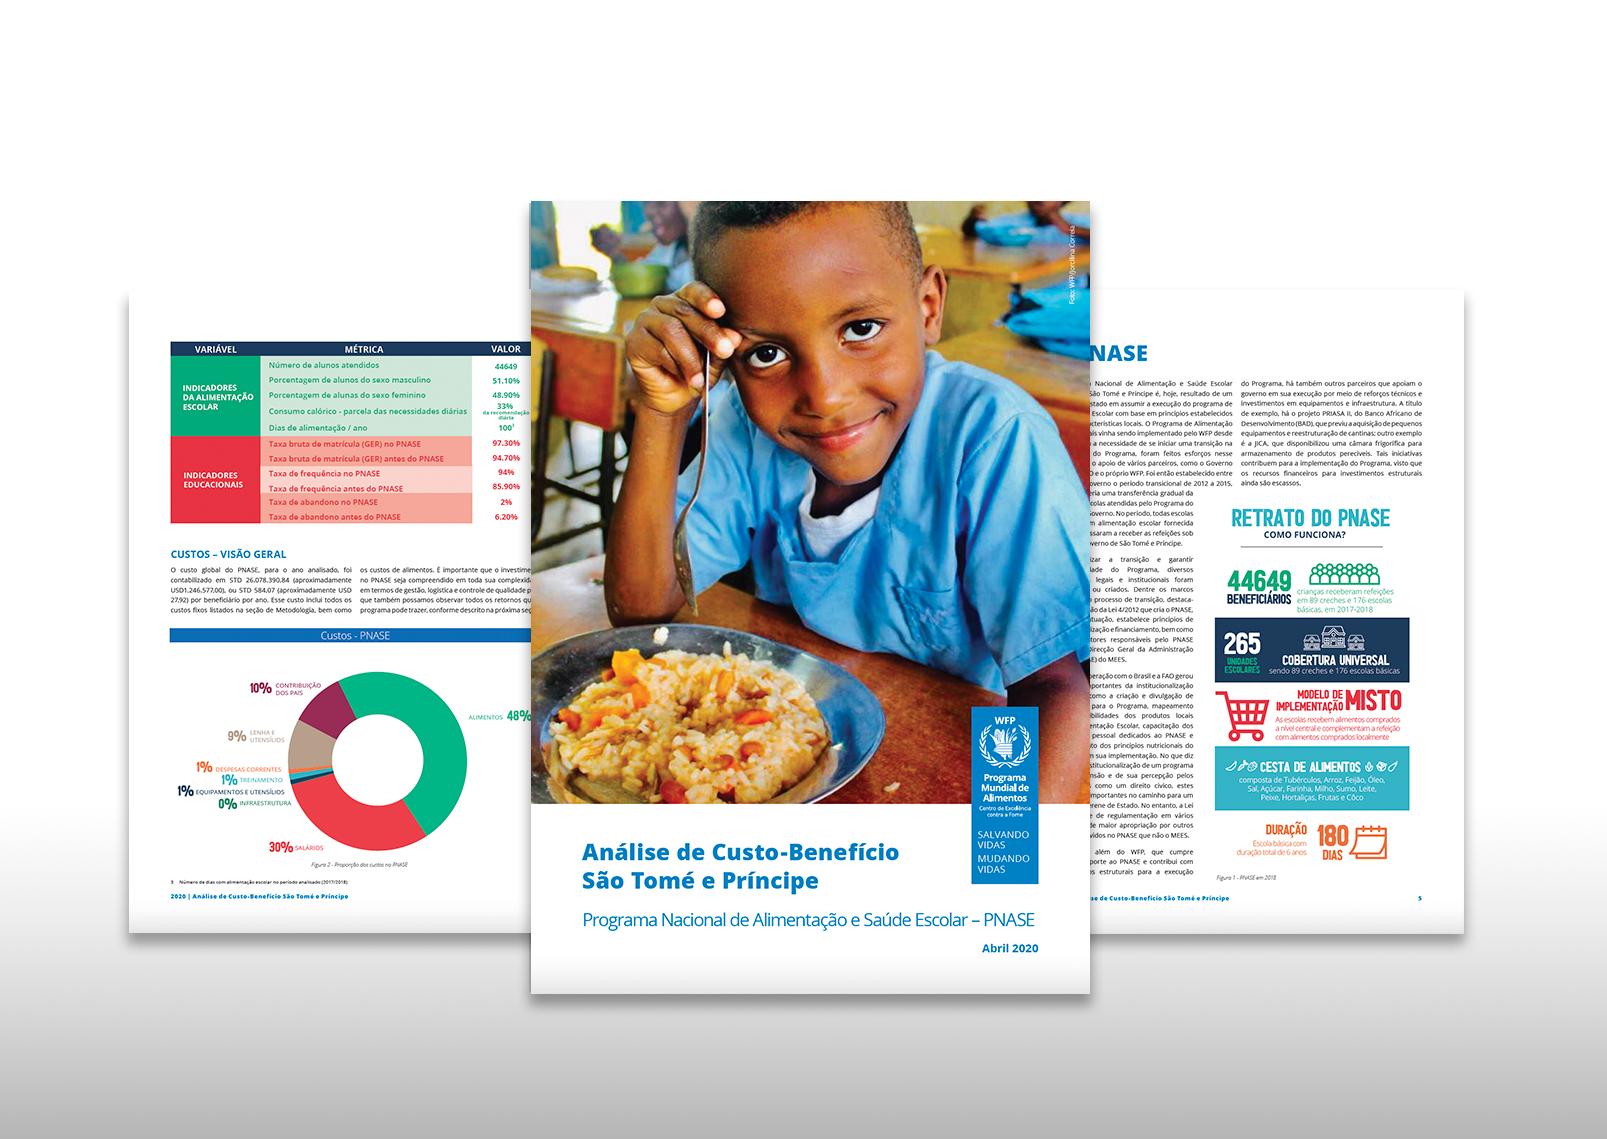 Centro de Excelência do WFP lança publicação sobre alimentação escolar em São Tomé e Príncipe